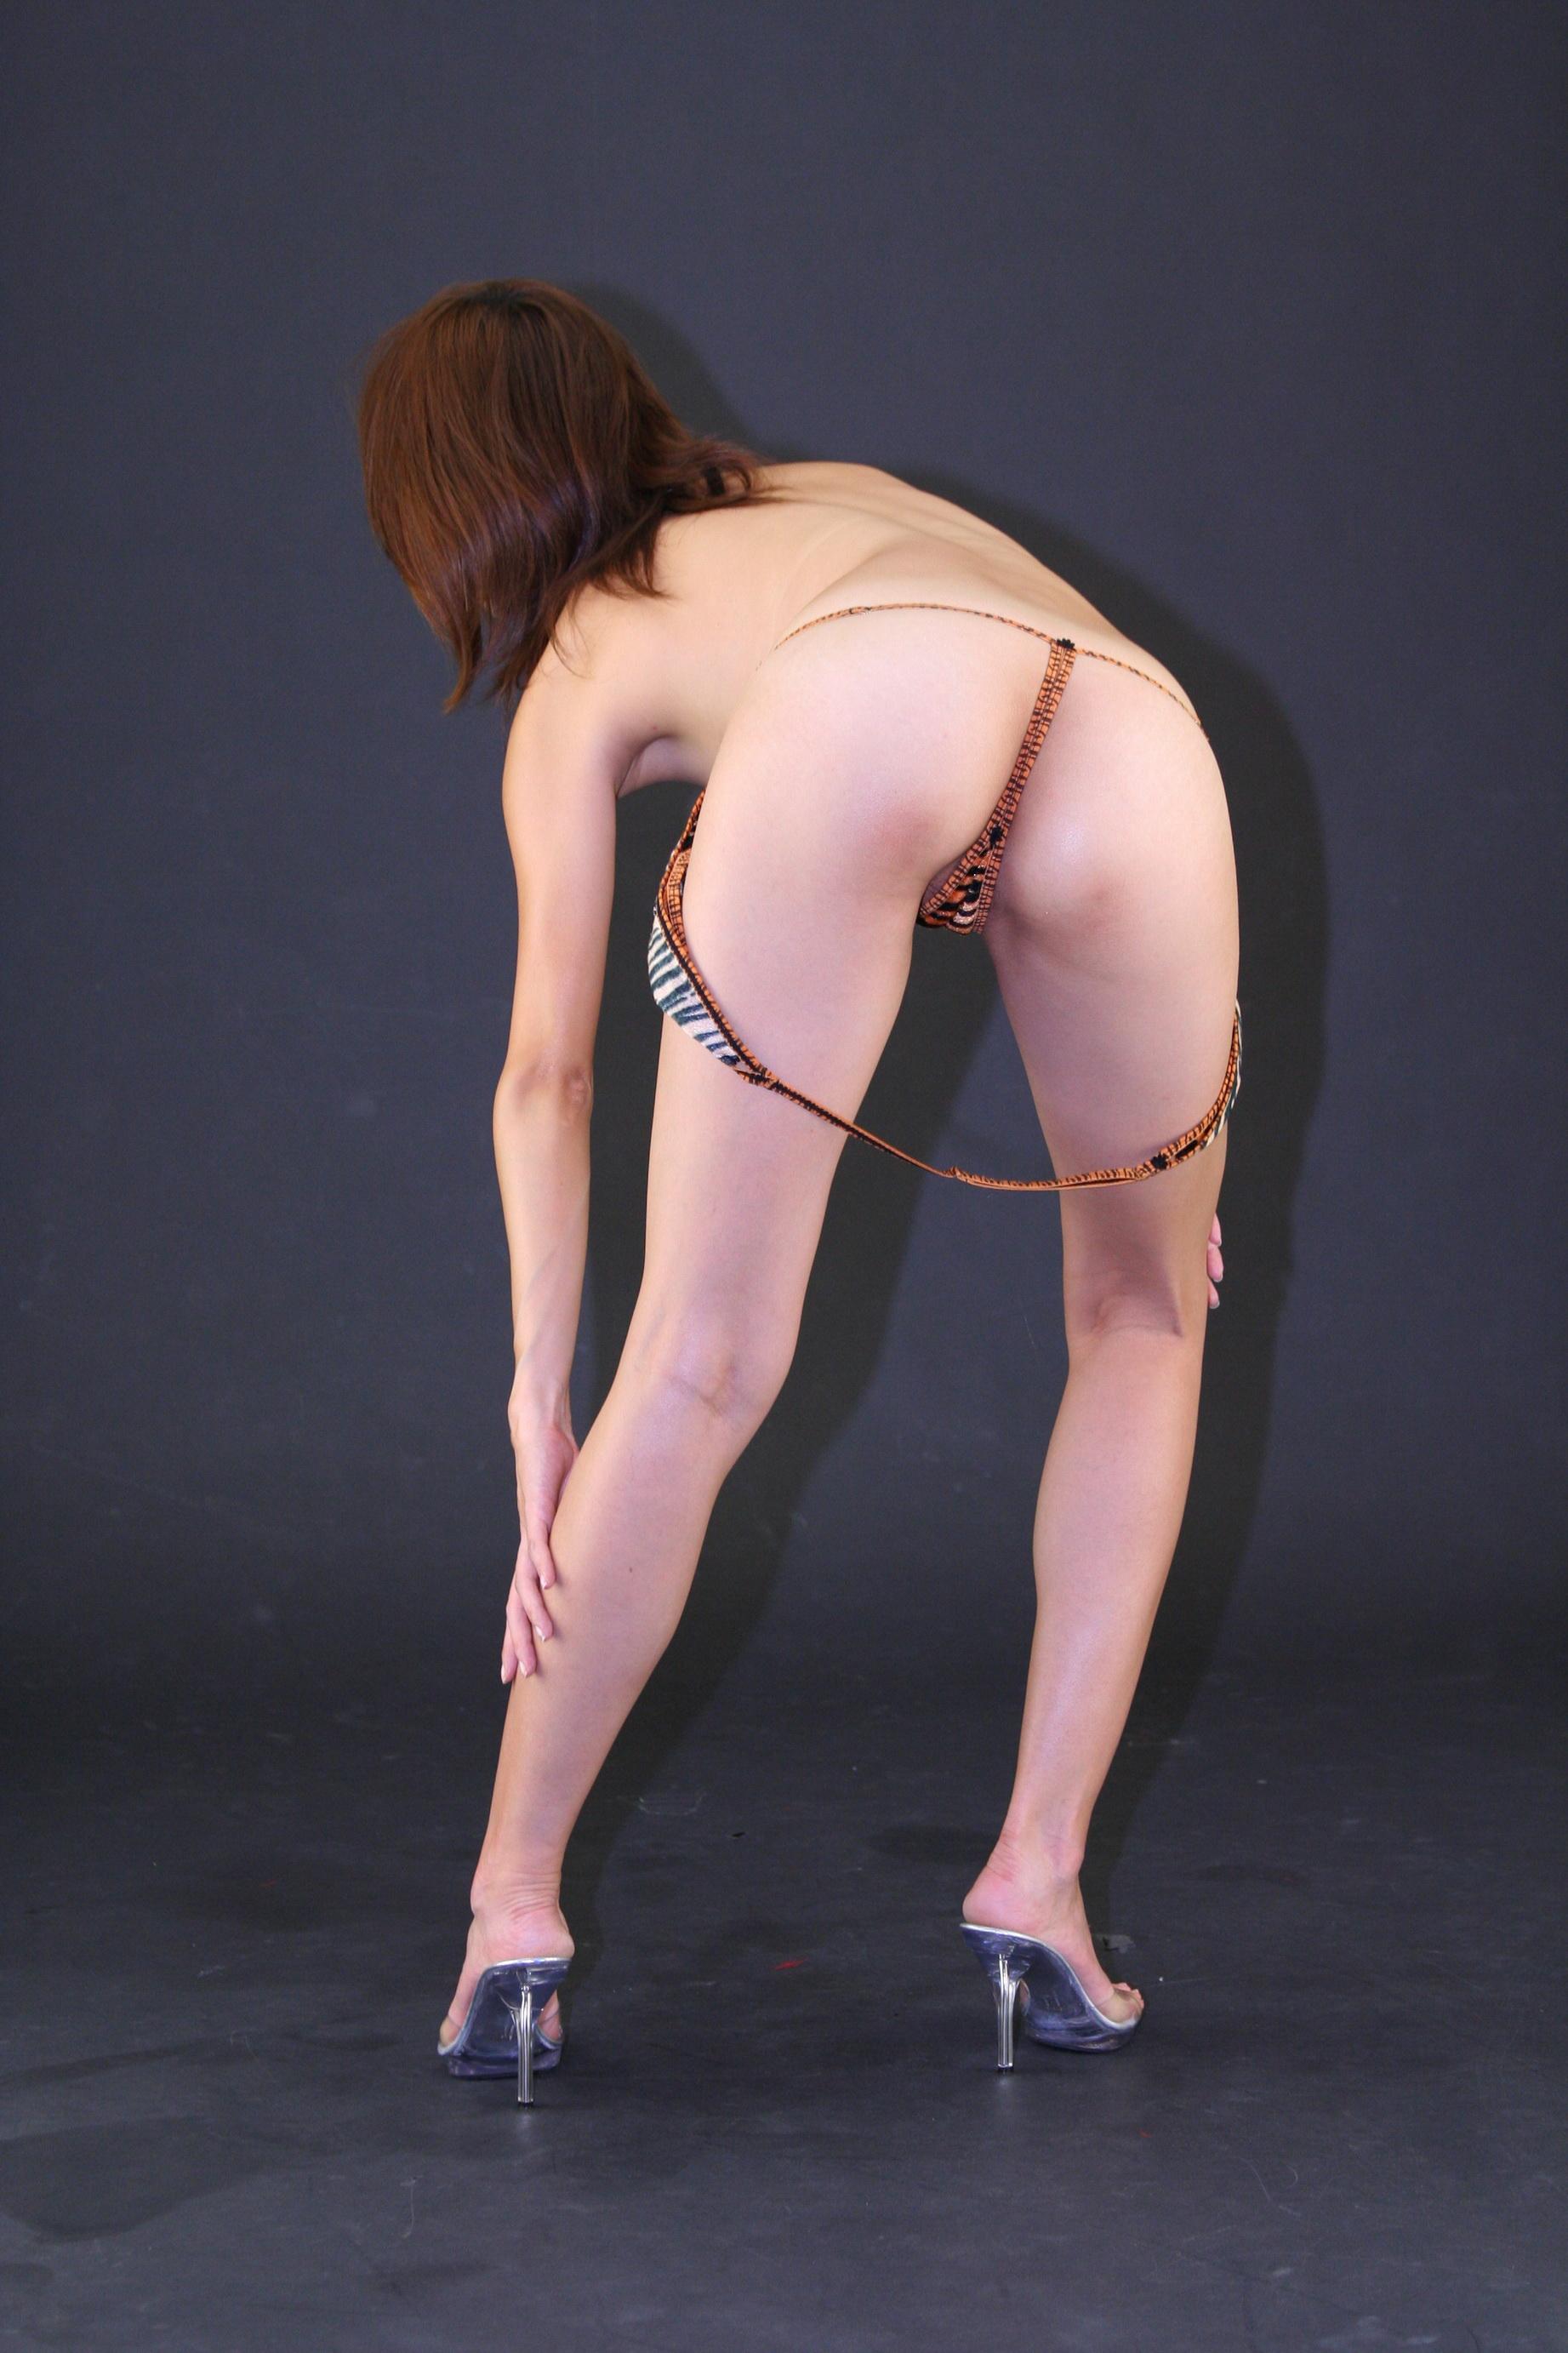 俏模Vicky2016.04.02大尺度私拍(二) - 貼圖 - 絲襪美腿 -